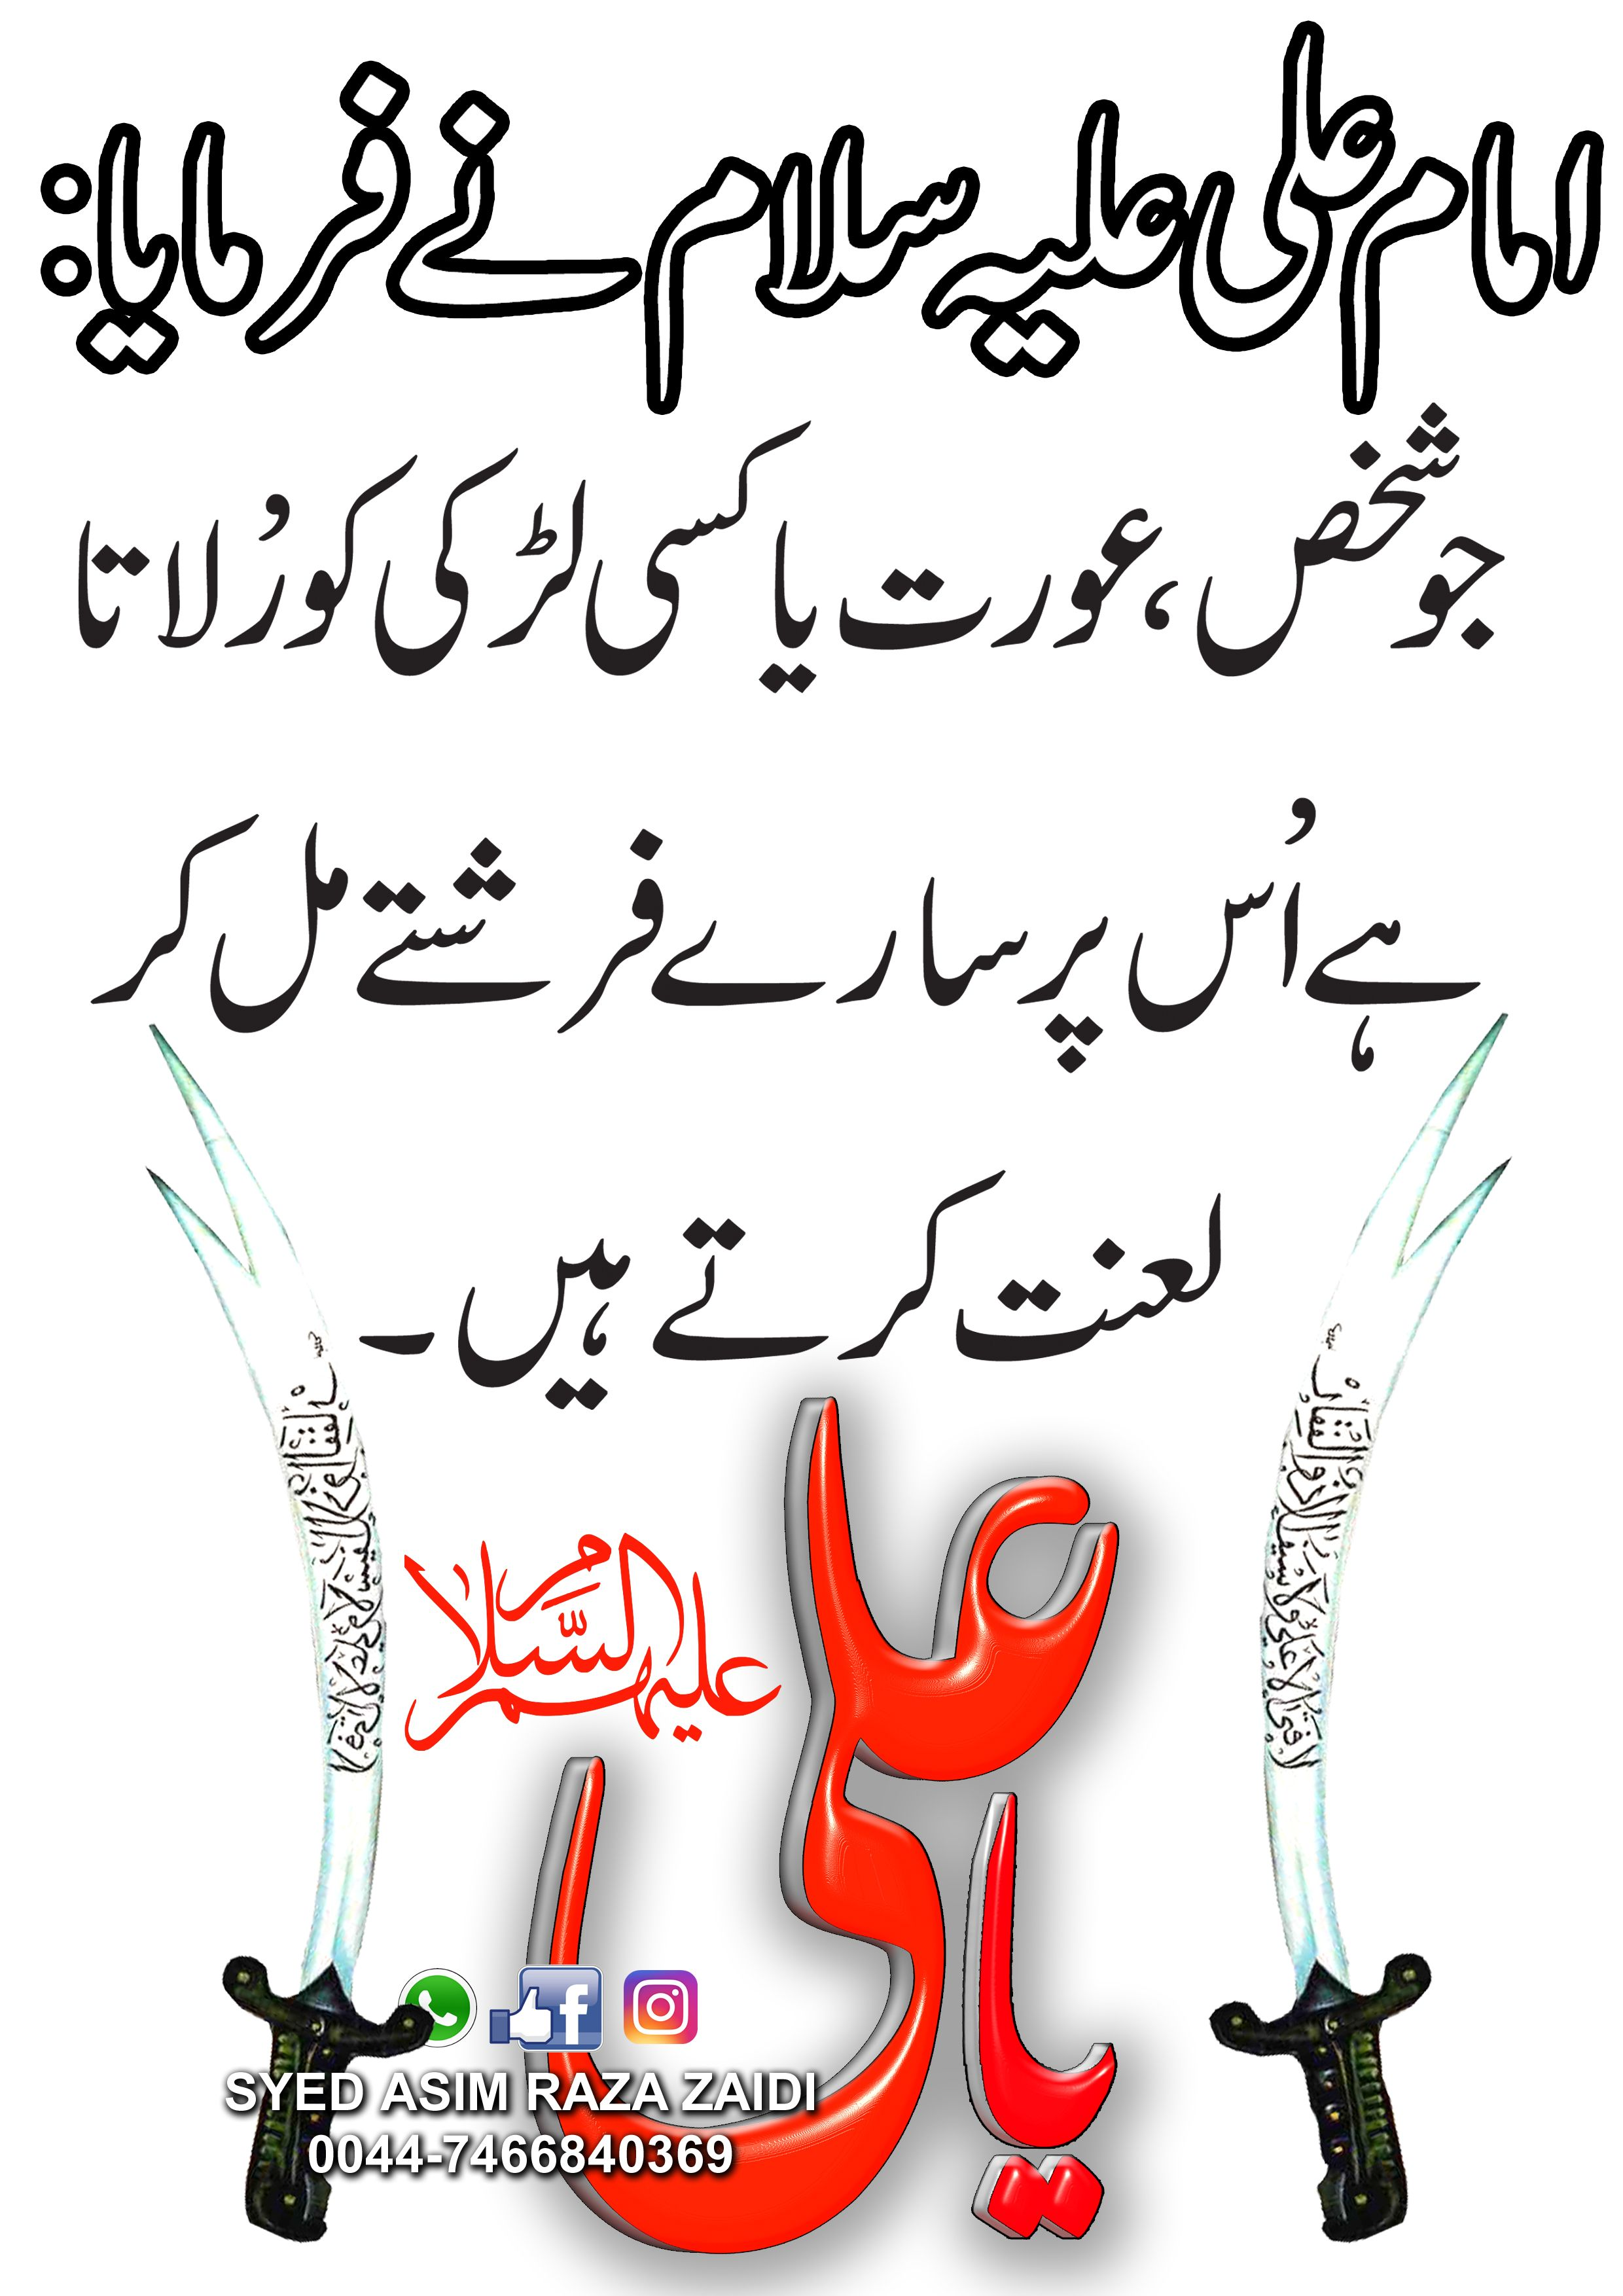 Ali as Quotes Mola Ali Ya Ali Ya Haider Mola Abbas Ya